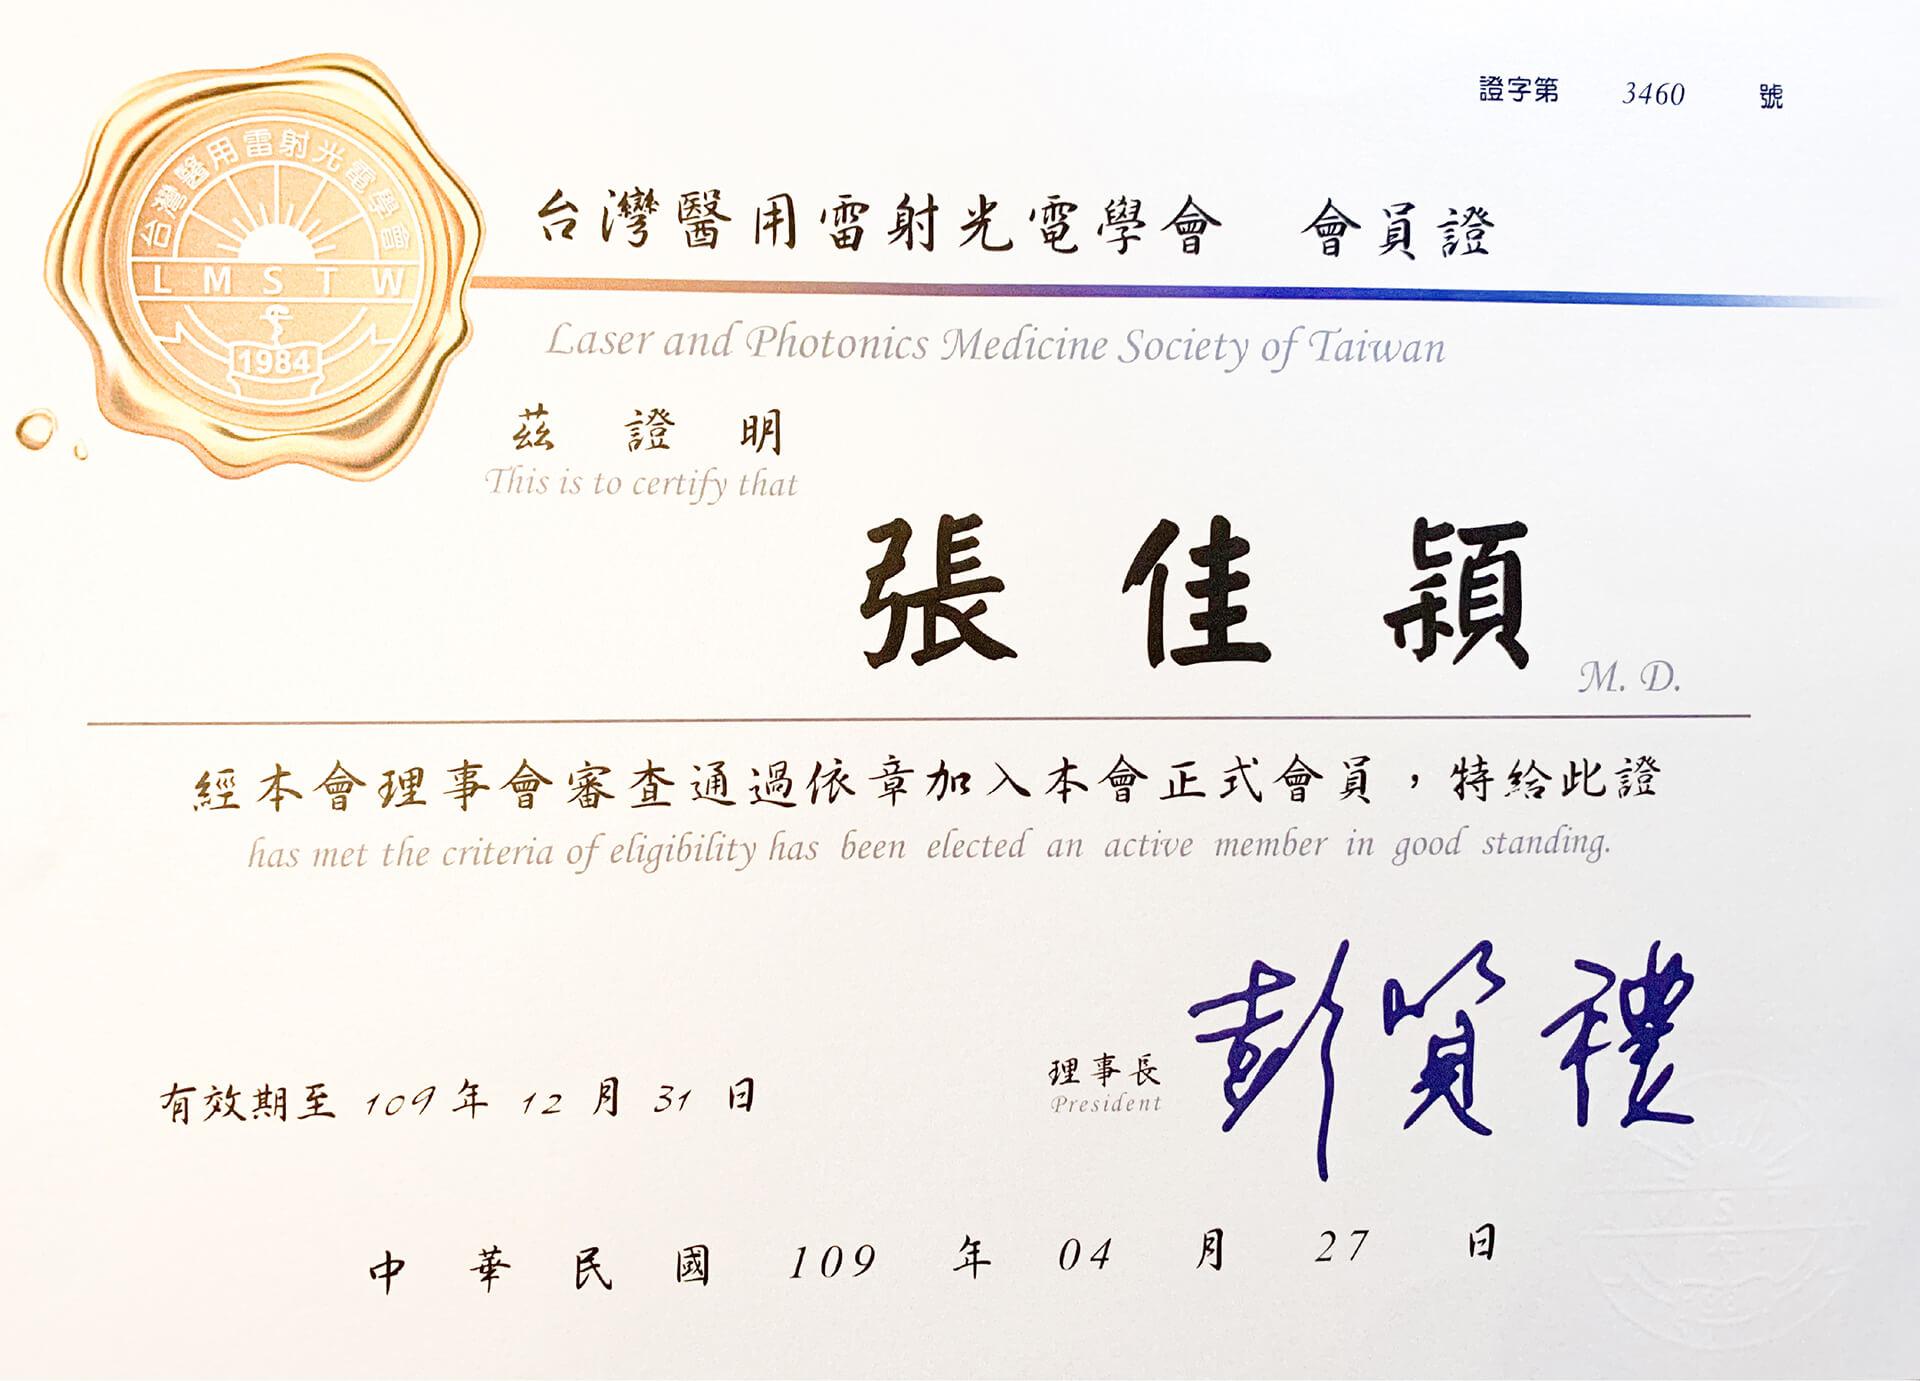 醫用雷射光電醫學會會員完成 (1)